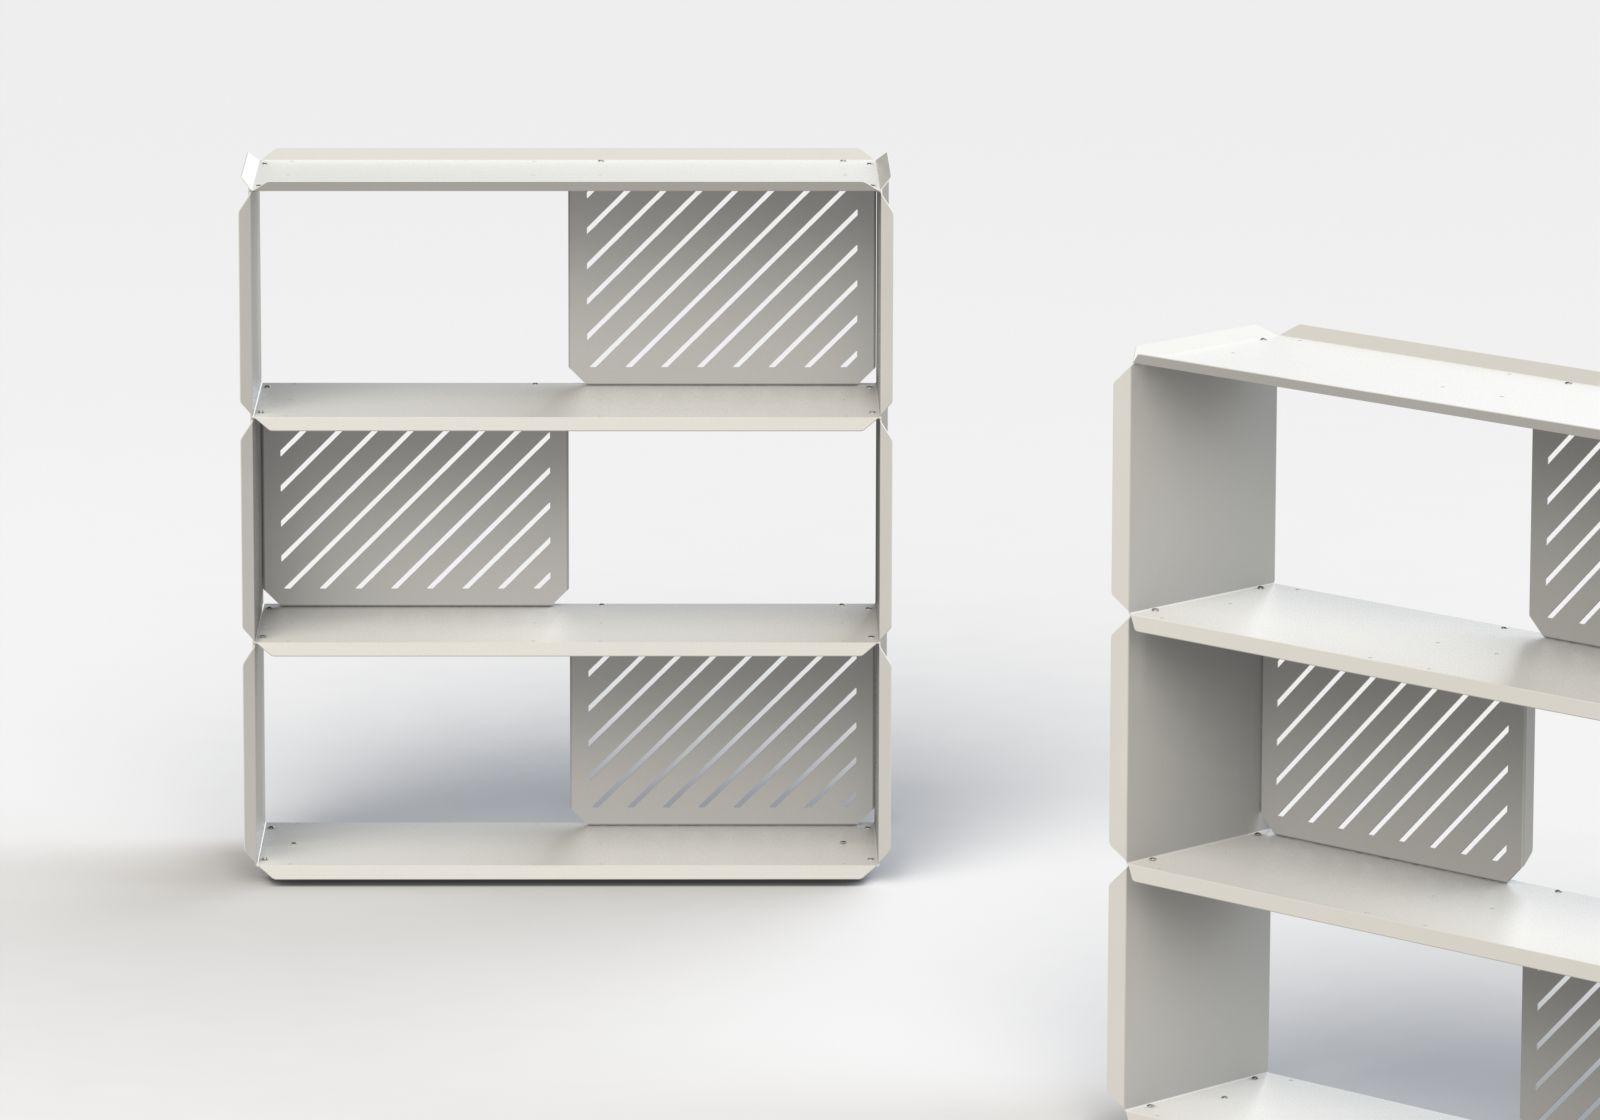 design regalsystem amazing design regalsystem with design regalsystem moveo f upcycling design. Black Bedroom Furniture Sets. Home Design Ideas